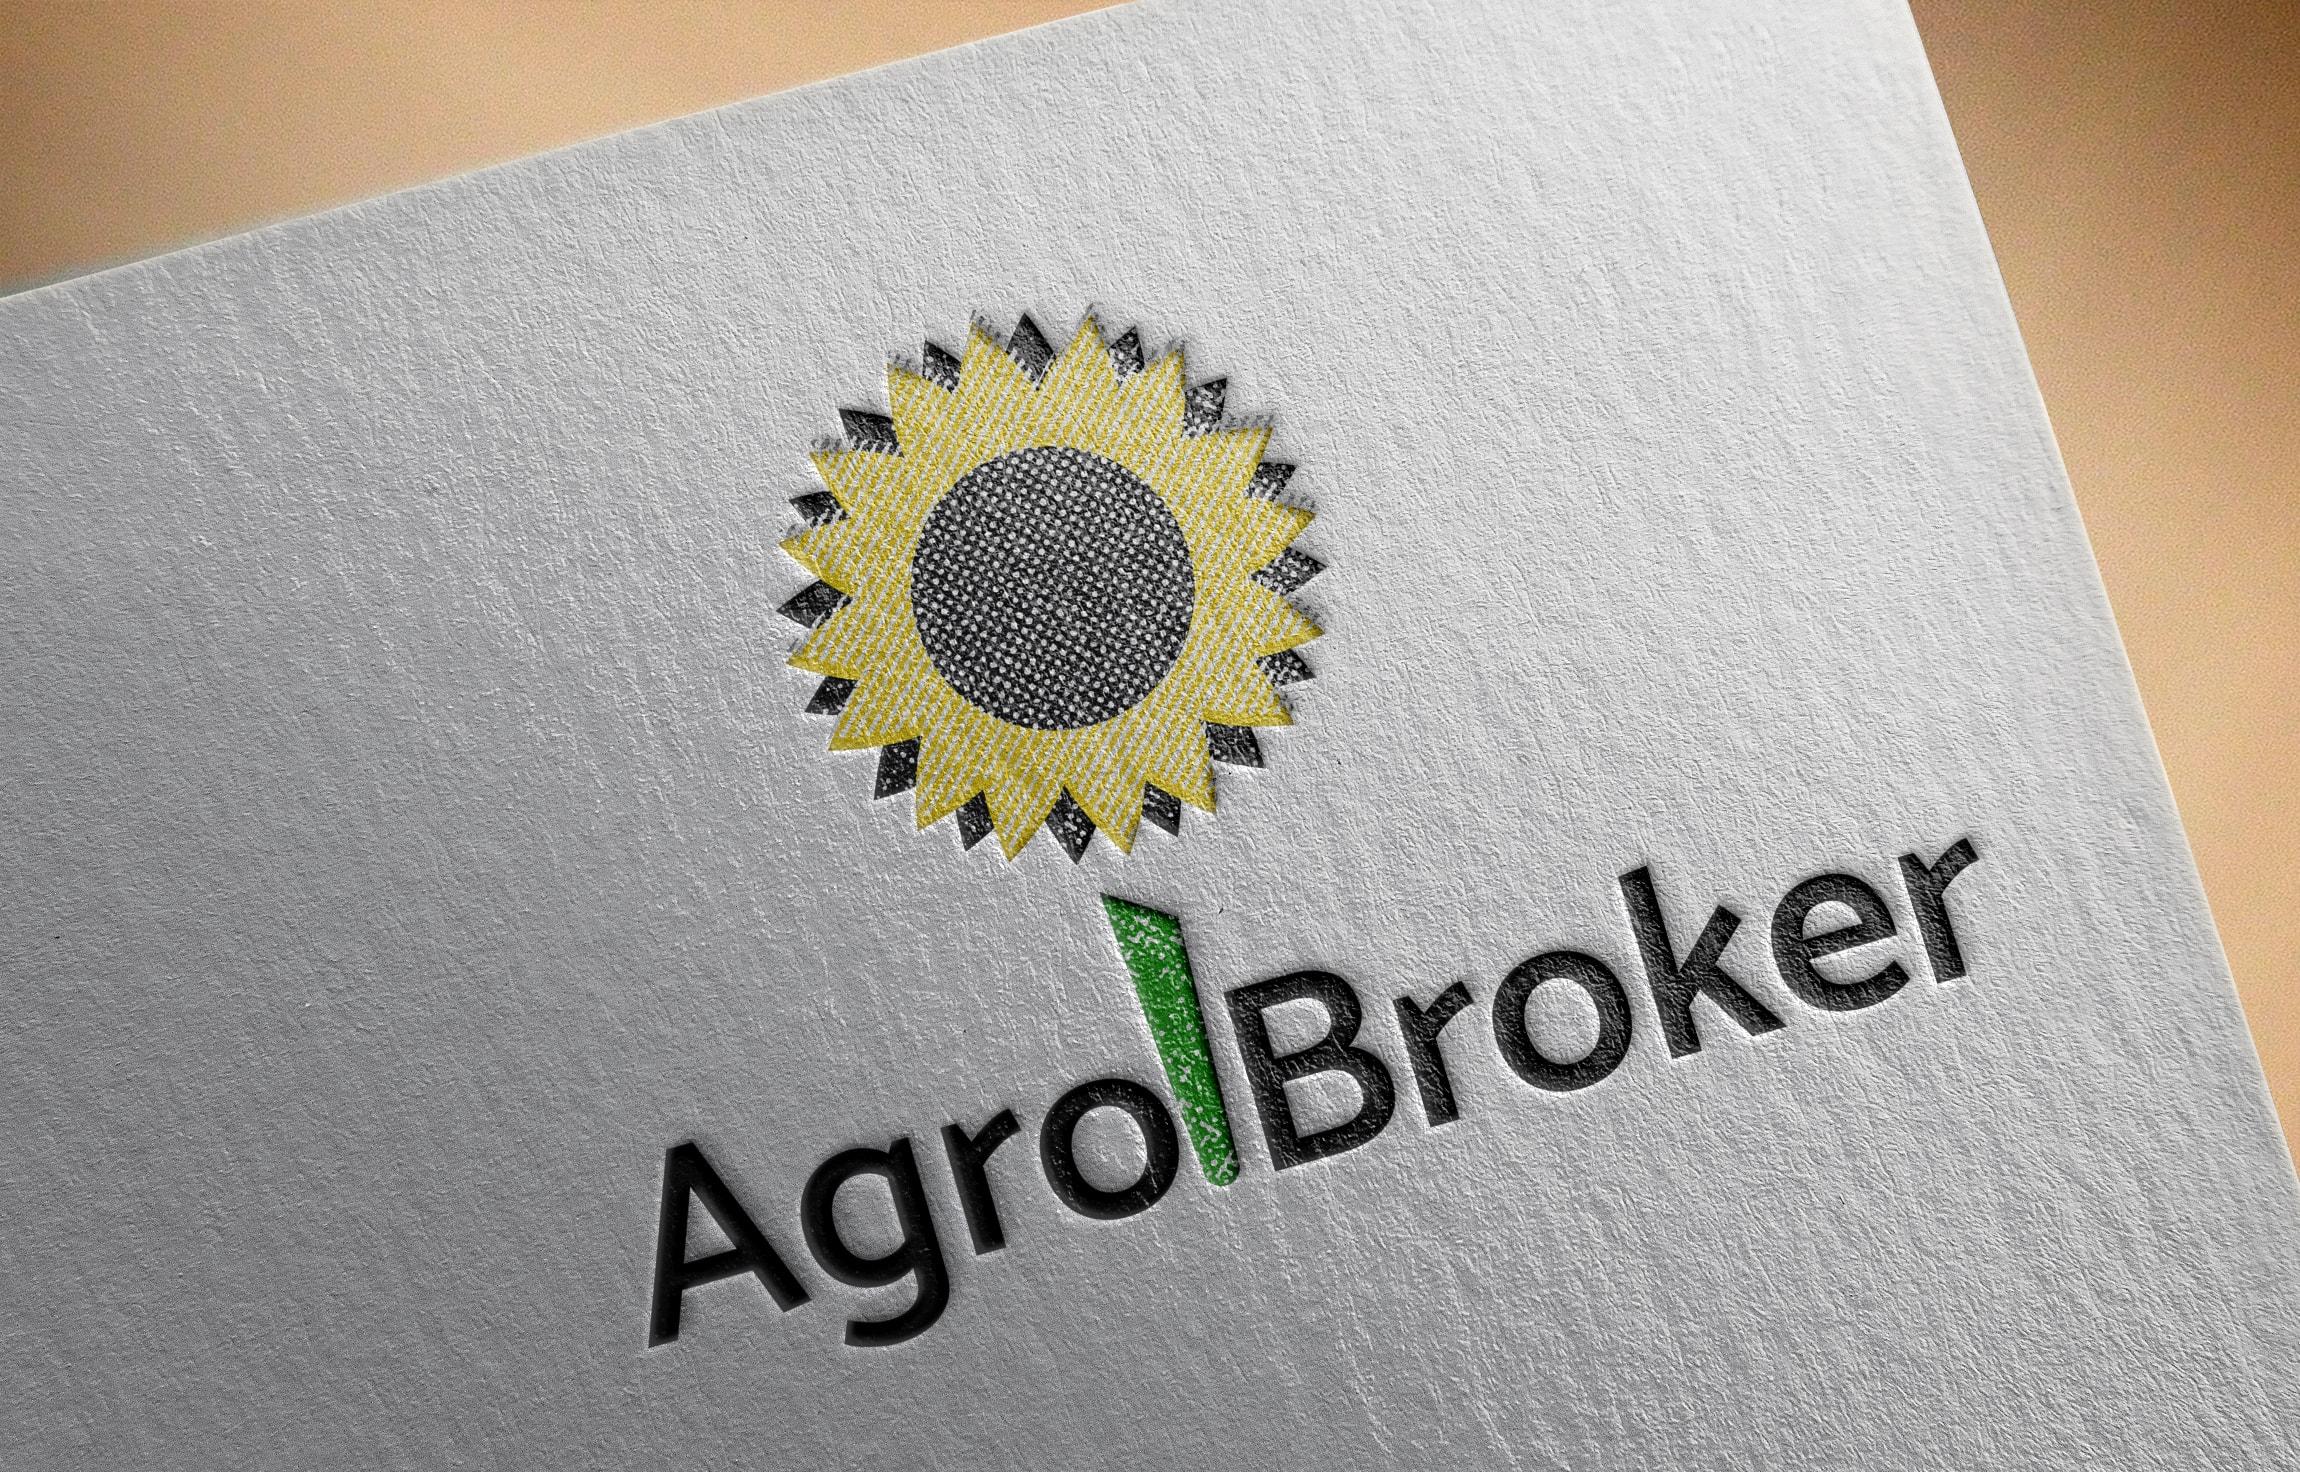 ТЗ на разработку пакета айдентики Agro.Broker фото f_9215971dec532d99.jpg